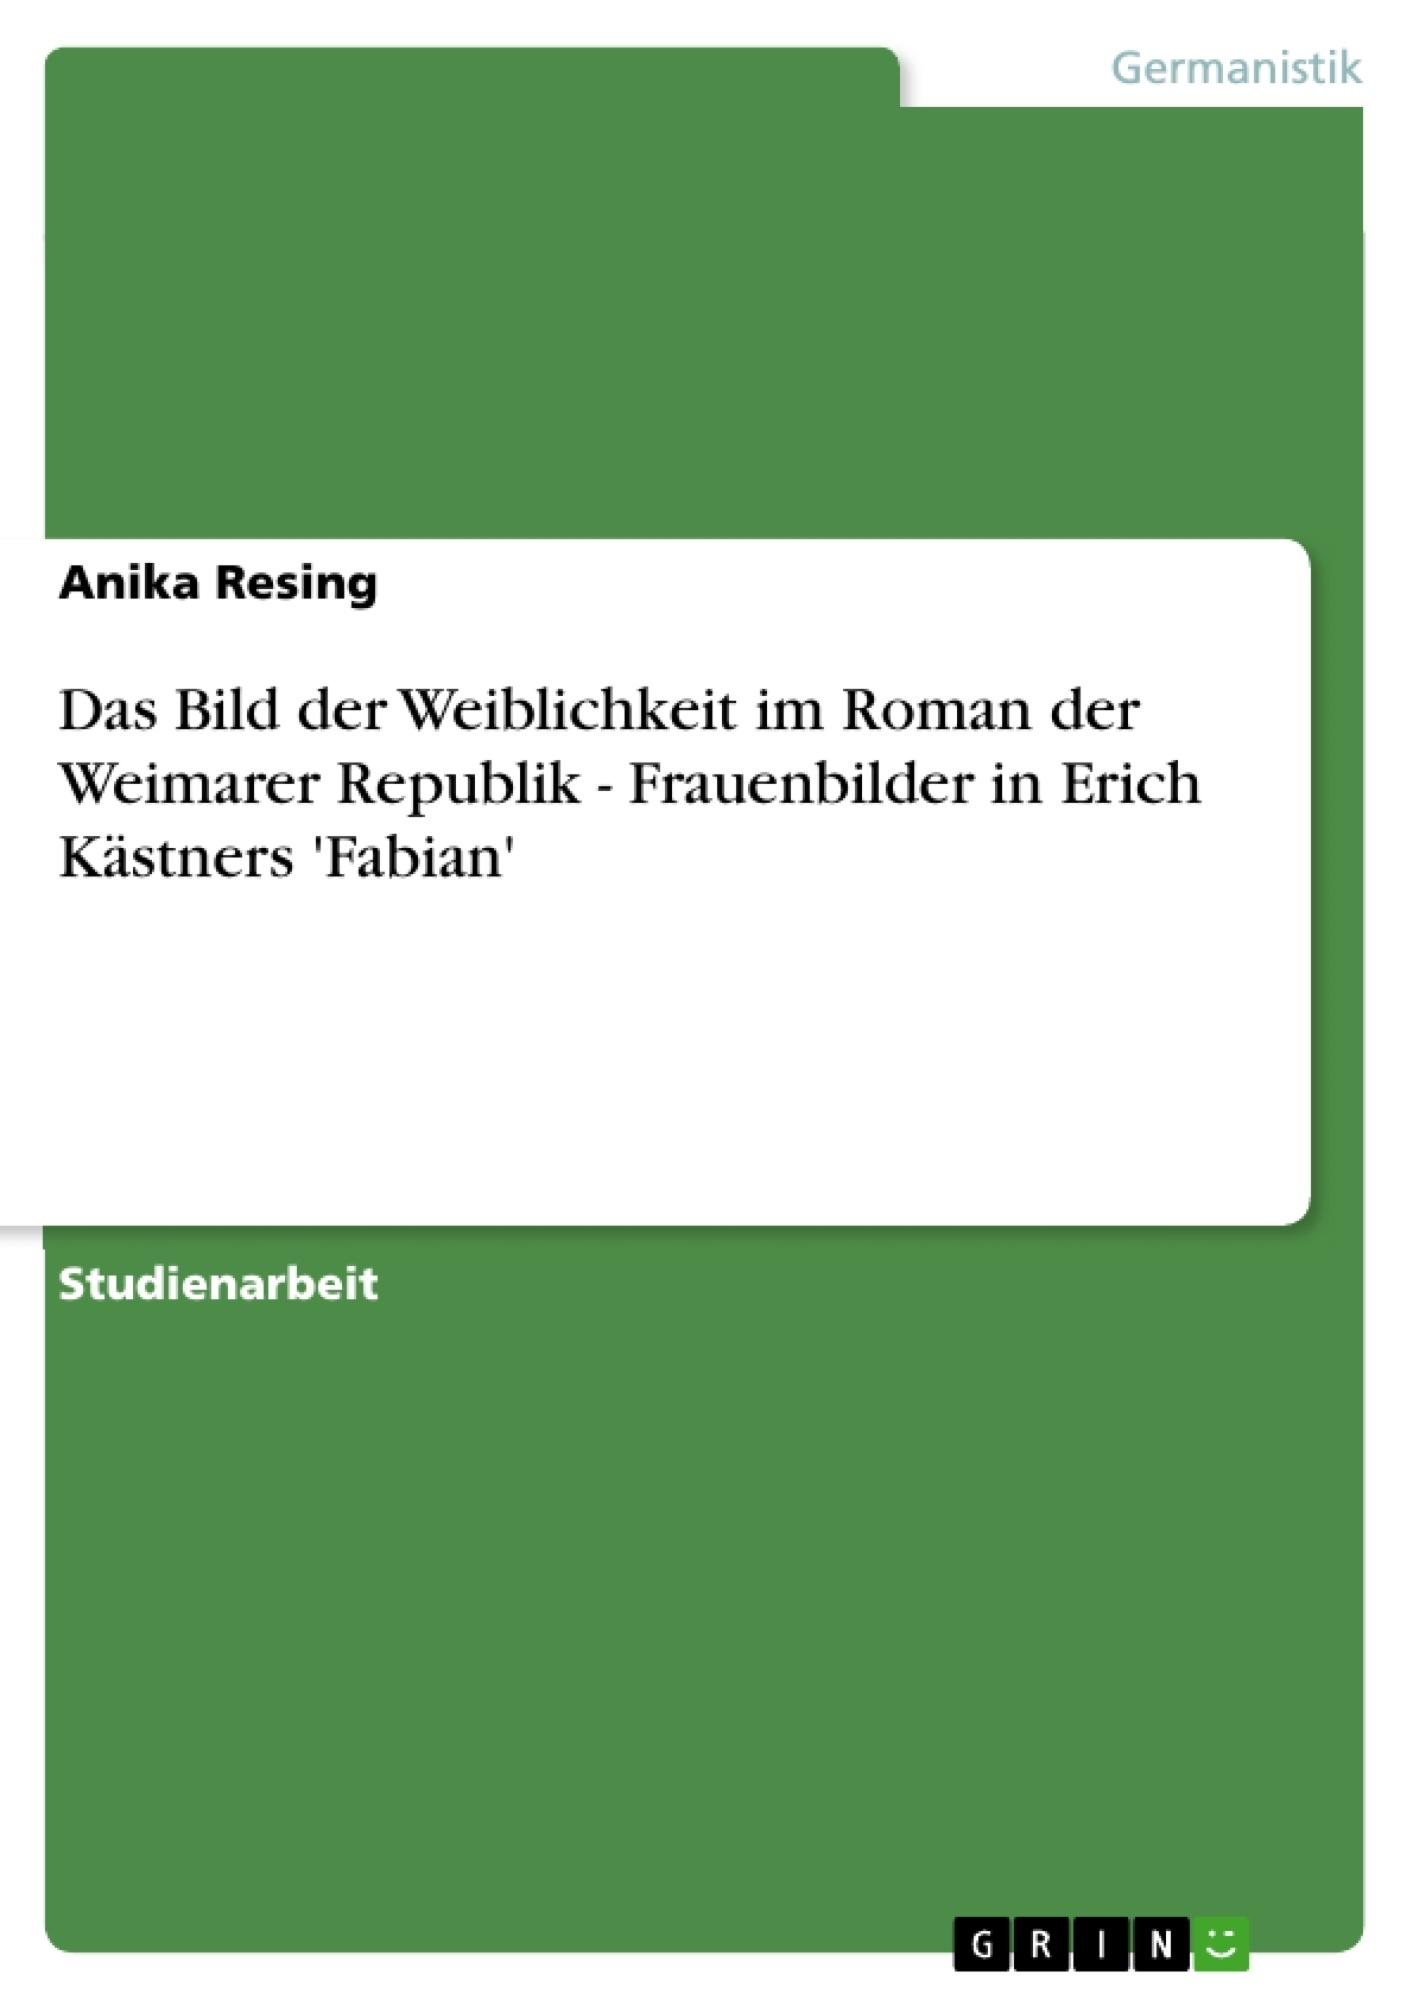 Titel: Das Bild der Weiblichkeit im Roman der Weimarer Republik - Frauenbilder in Erich Kästners 'Fabian'